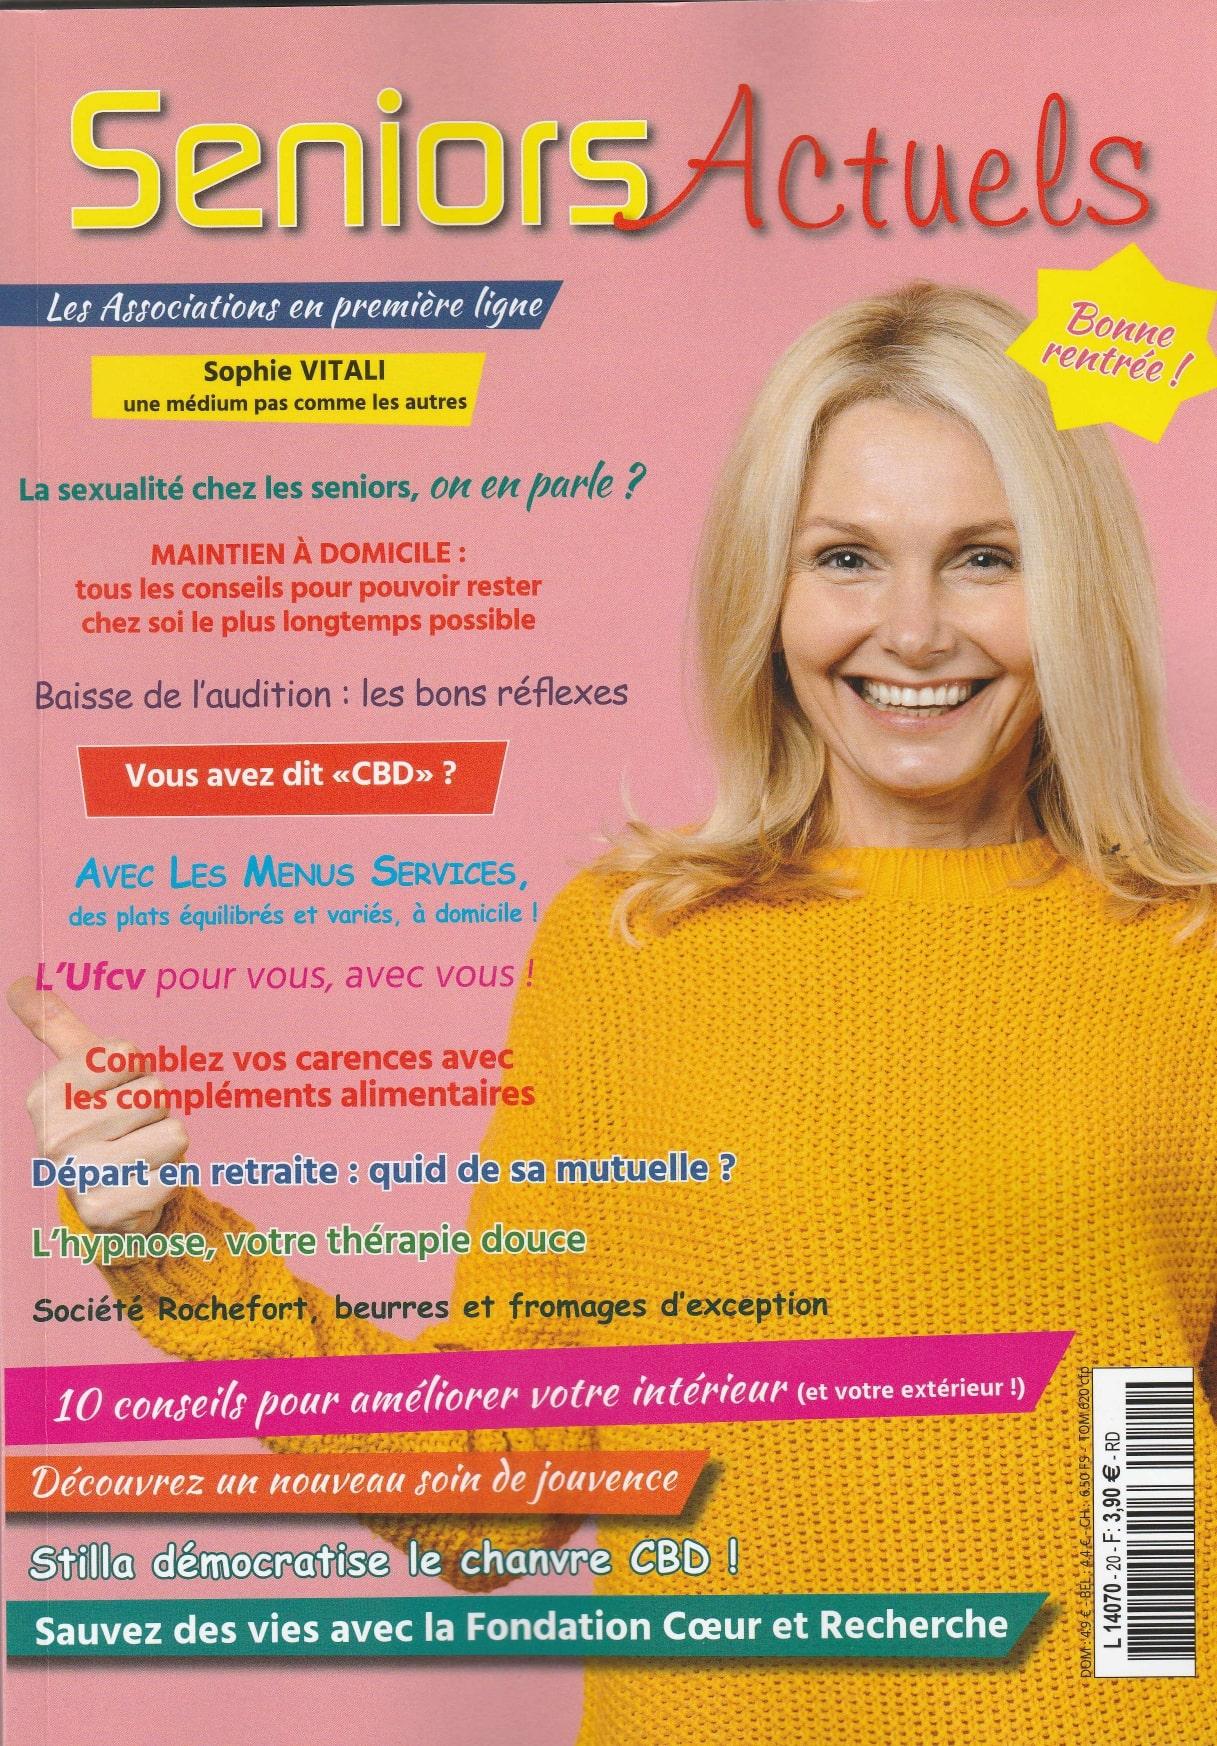 Sophie Vitali célèbre médium et animatrice radio en interview dans le magazine Séniors Actuels